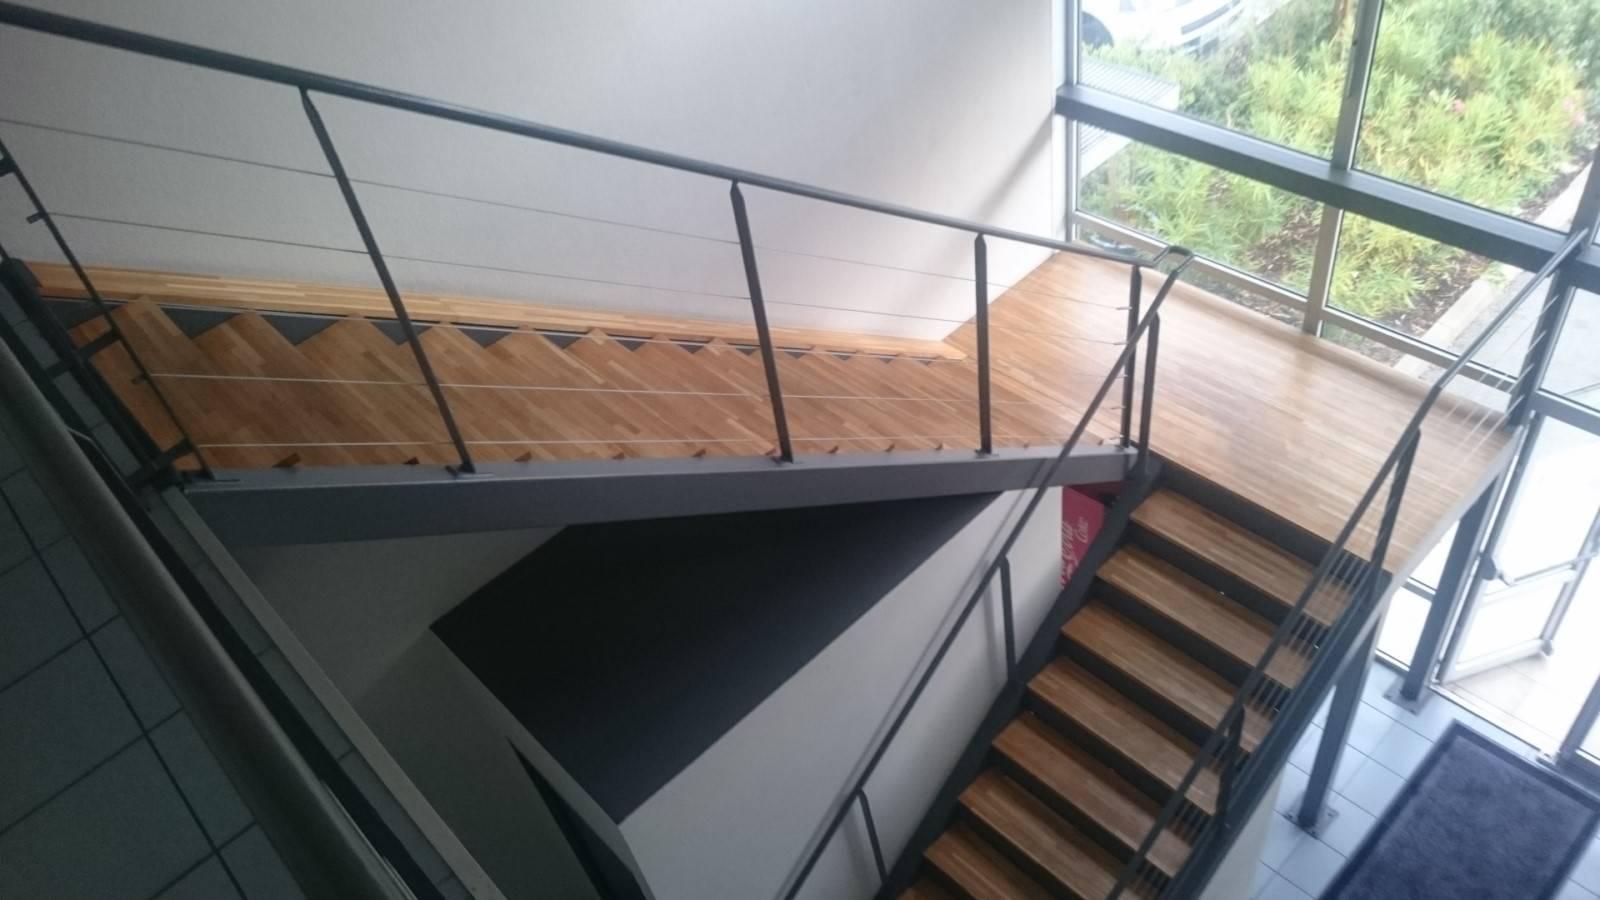 pose de parquet pour habillage escalier procopi gemenos pose de cloisons et faux plafond. Black Bedroom Furniture Sets. Home Design Ideas